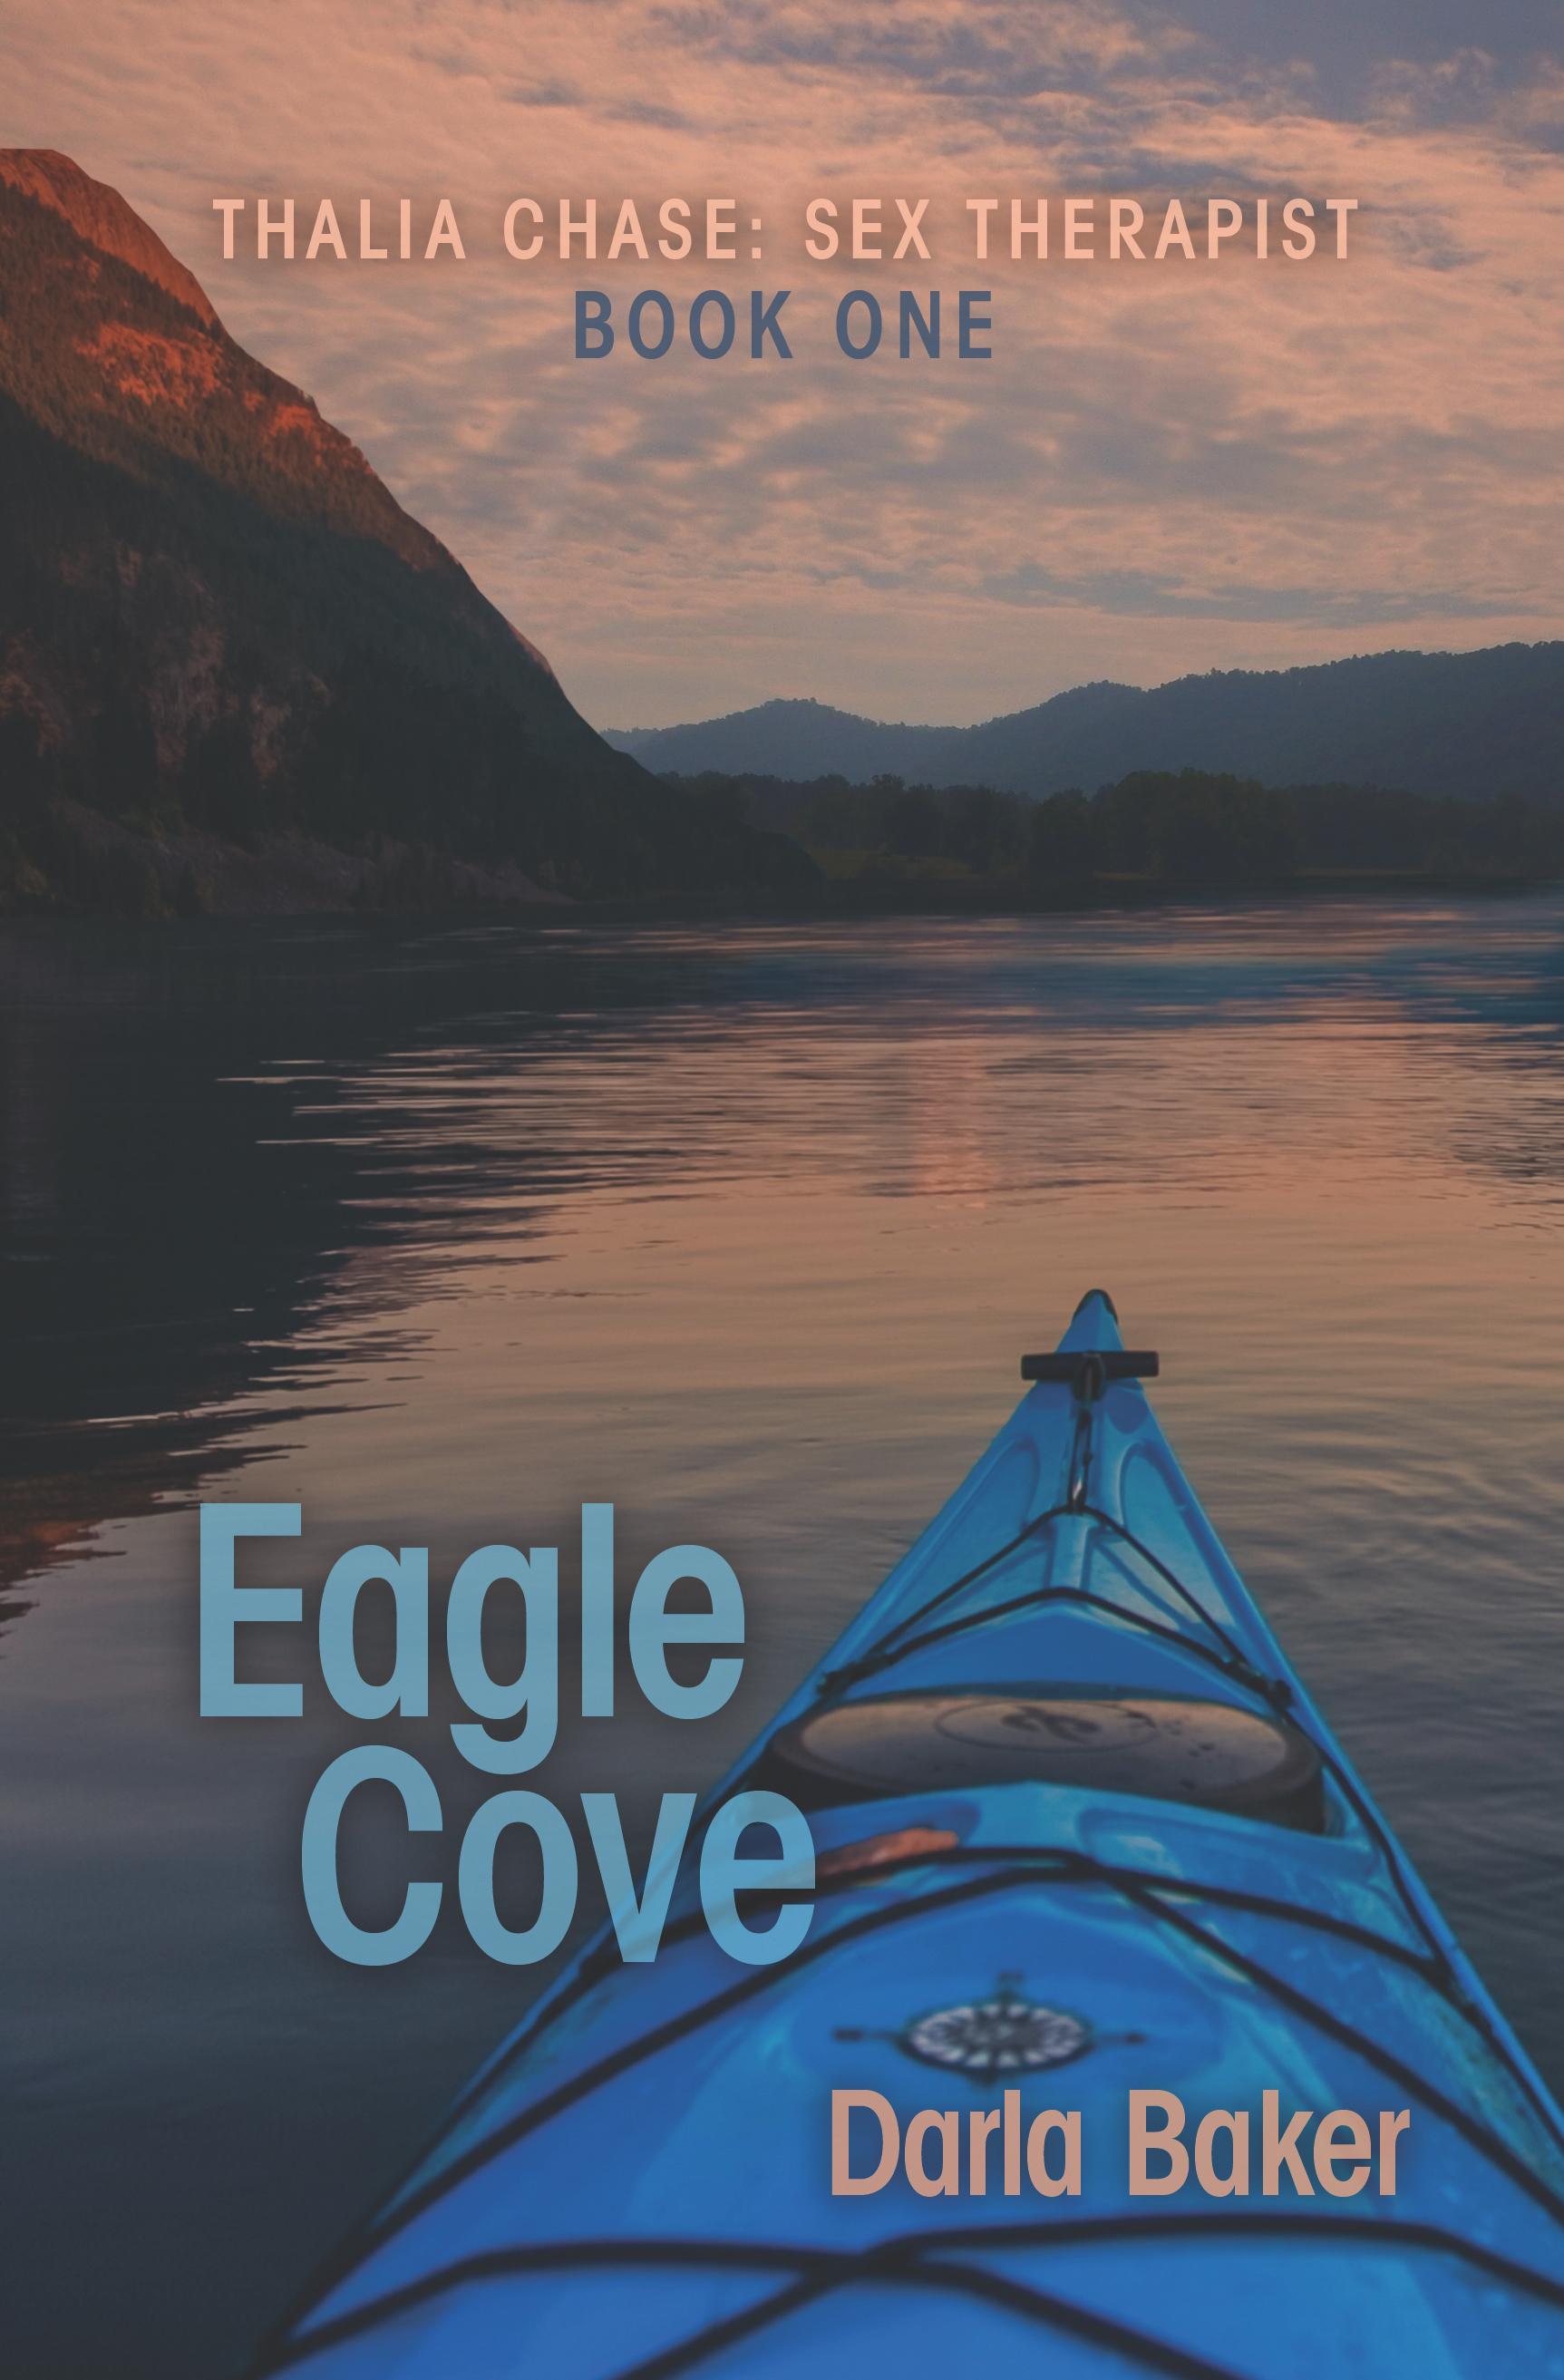 eagle cove thalia chase sex therapist book one